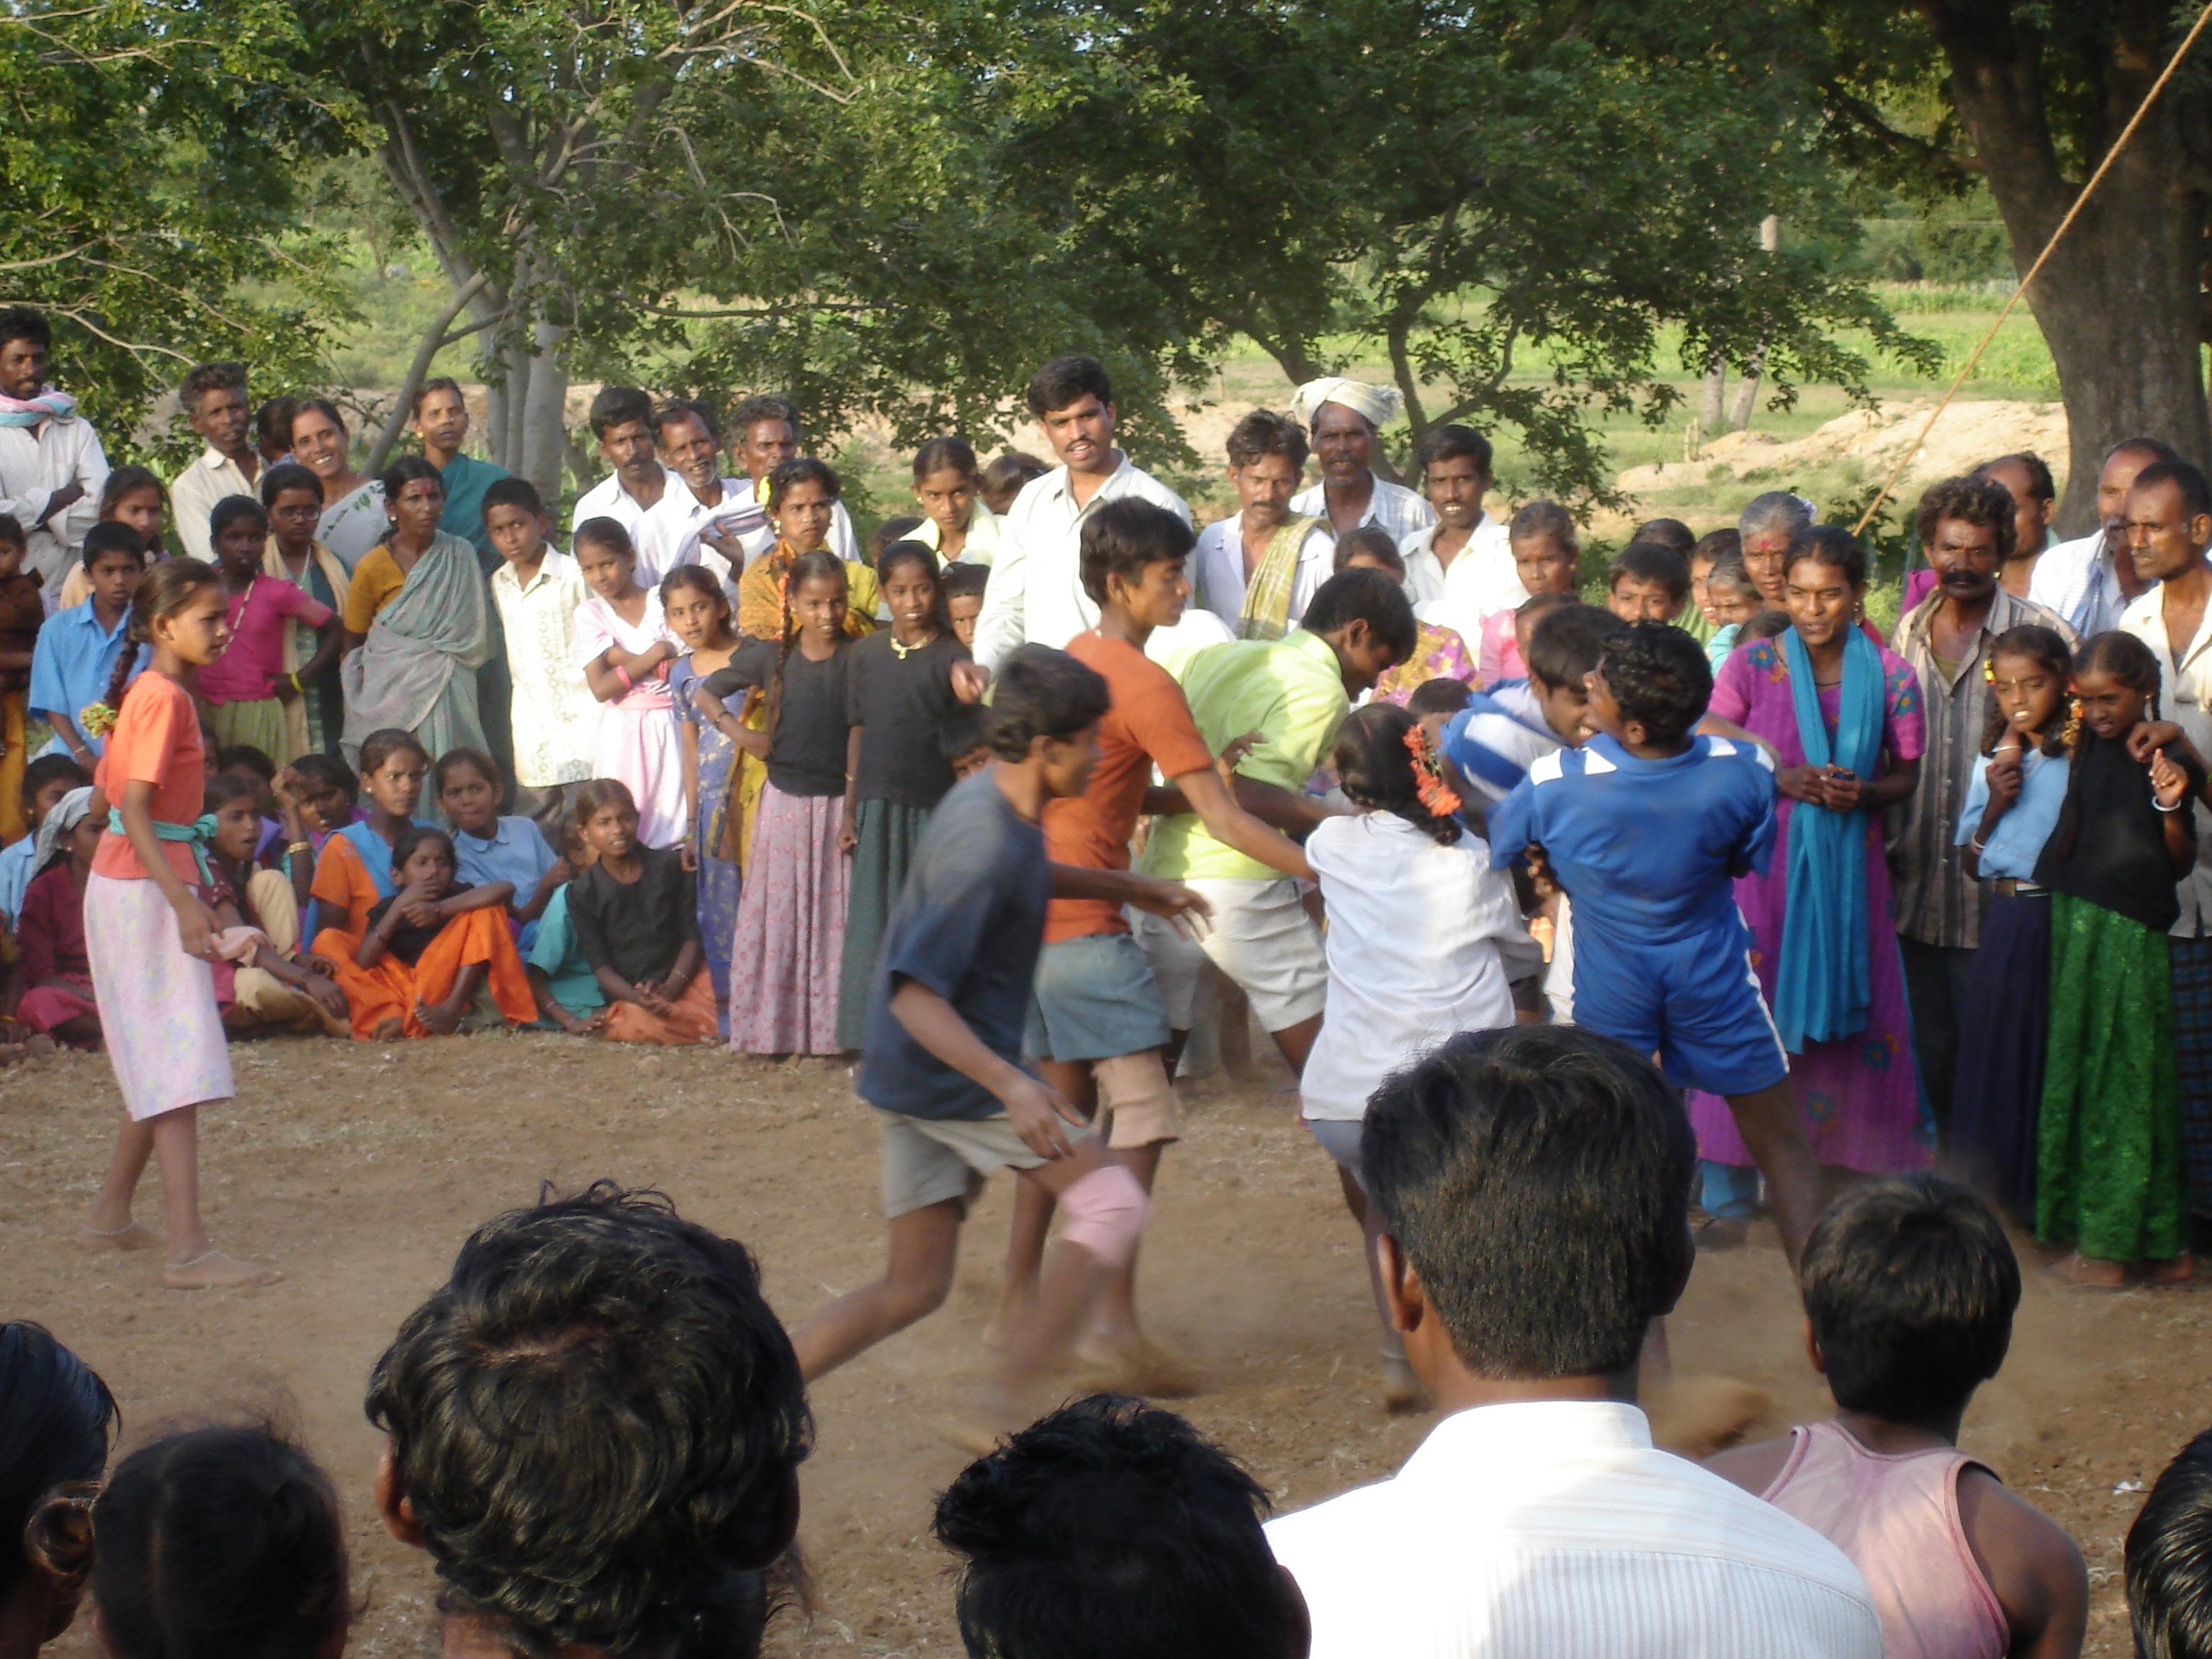 A game of kabaddi in Bagepalli, Karnataka